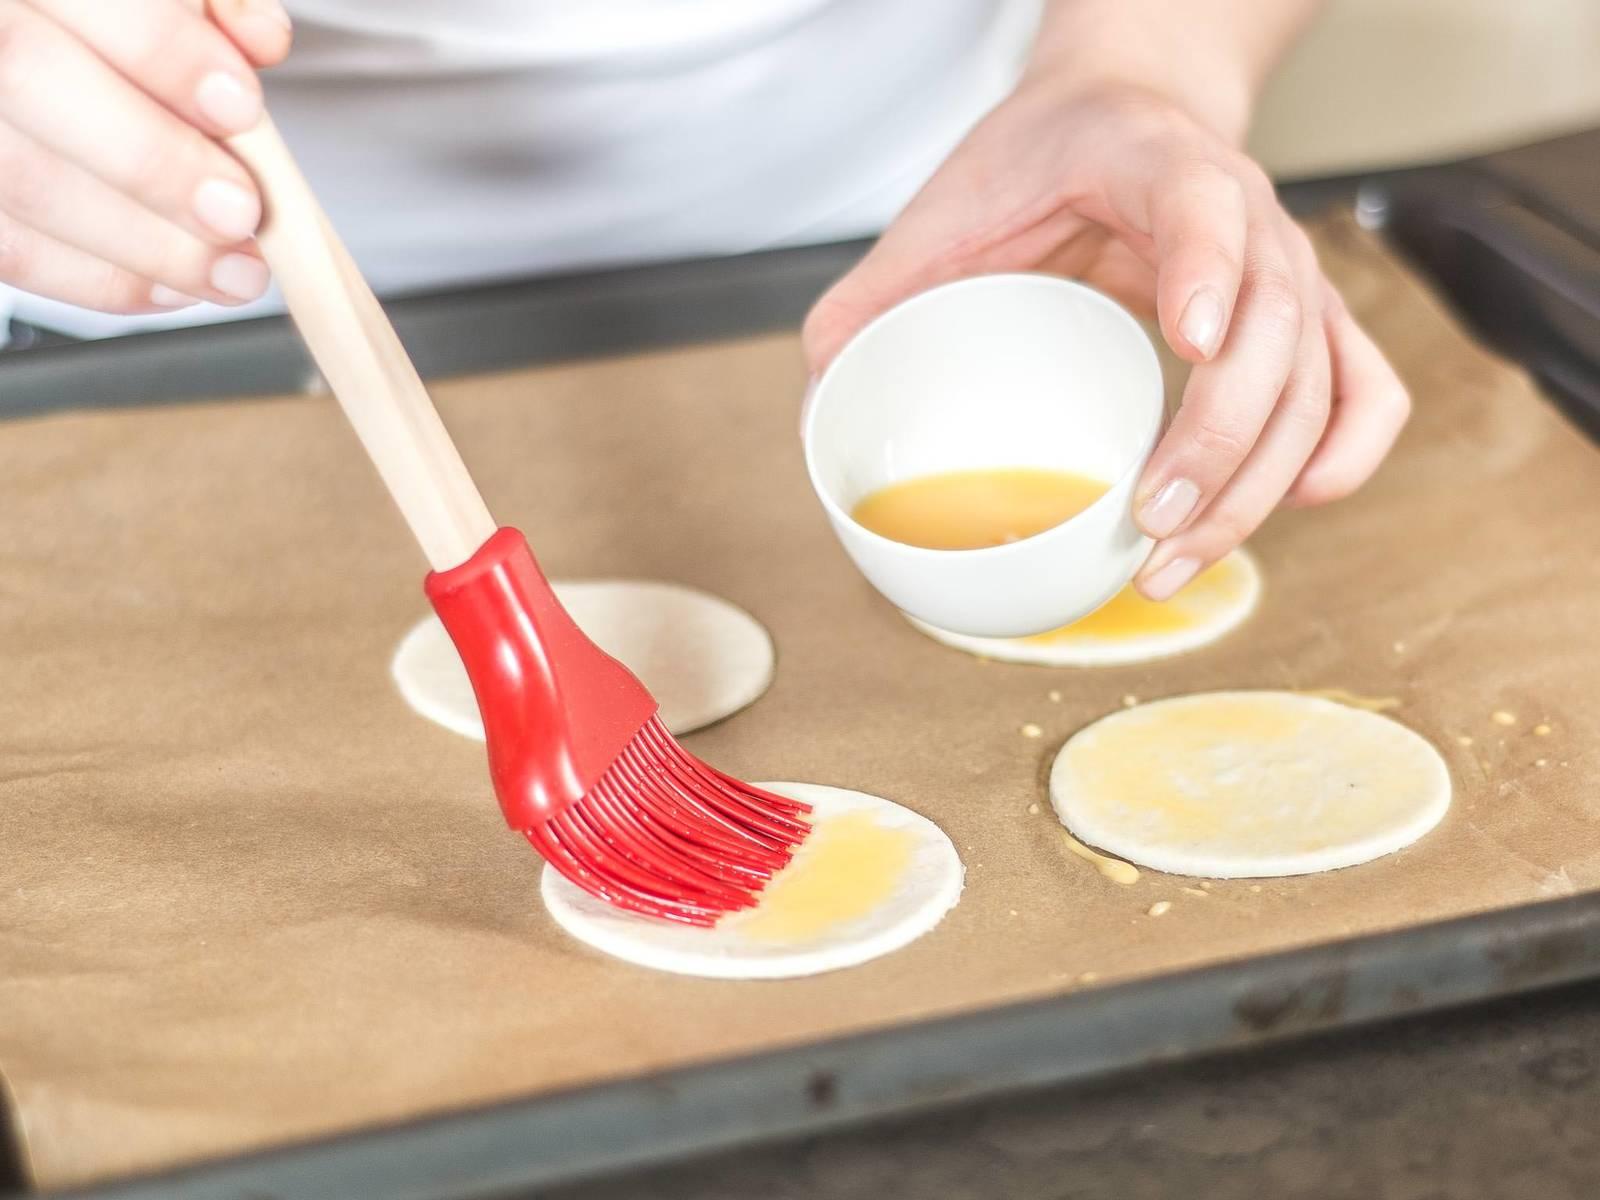 蛋黄加水打散后刷在面皮上,将面皮按照包装说明烤至焦黄。另取小碗,放入糖、橙子皮碎与果汁、肉桂粉、蜂蜜一起搅拌均匀,制成无花果的调味汁。